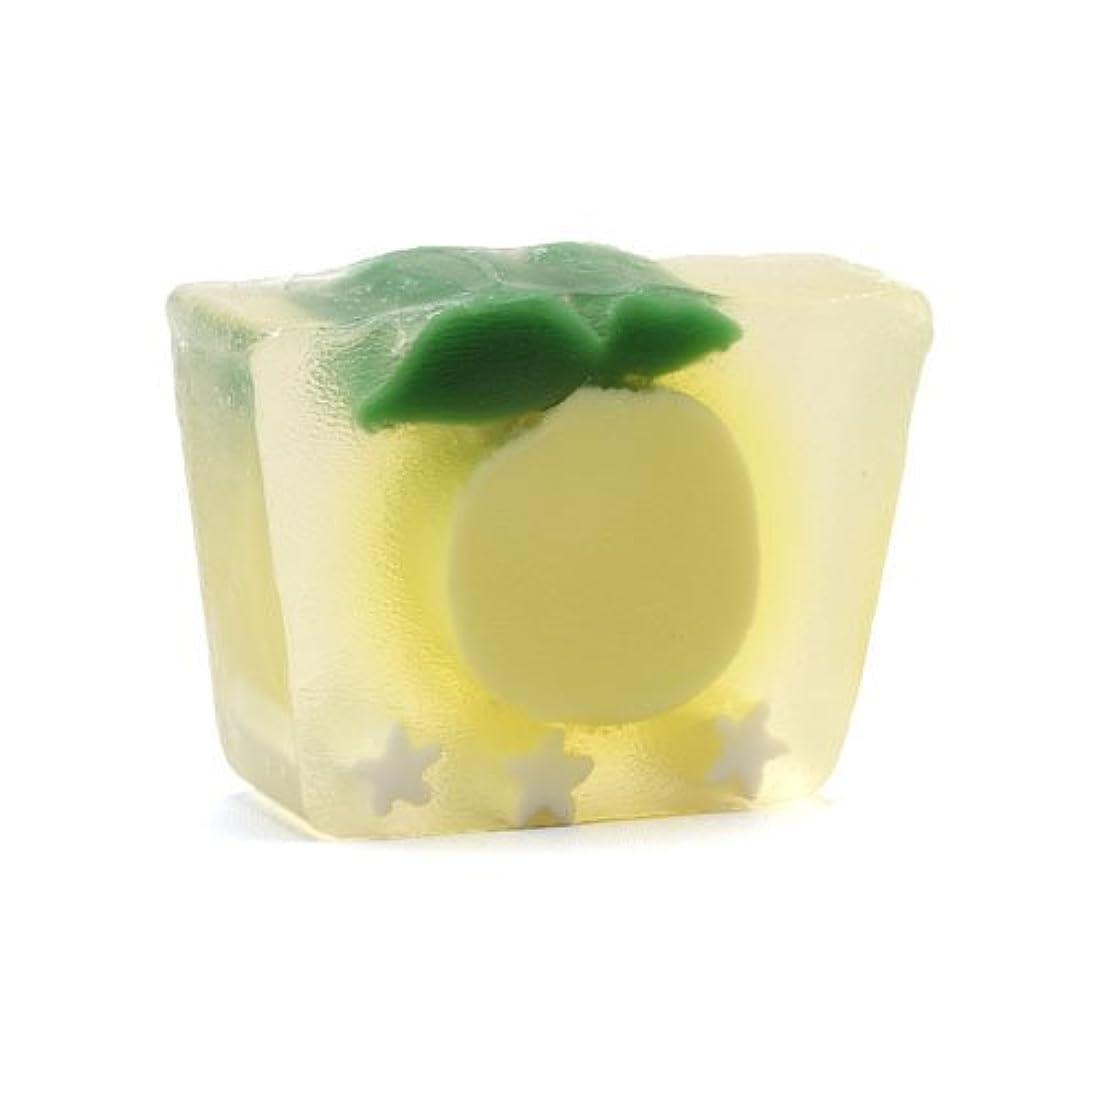 影響を受けやすいですディスコウミウシプライモールエレメンツ アロマティック ミニソープ カリフォルニアレモン 80g 植物性 ナチュラル 石鹸 無添加